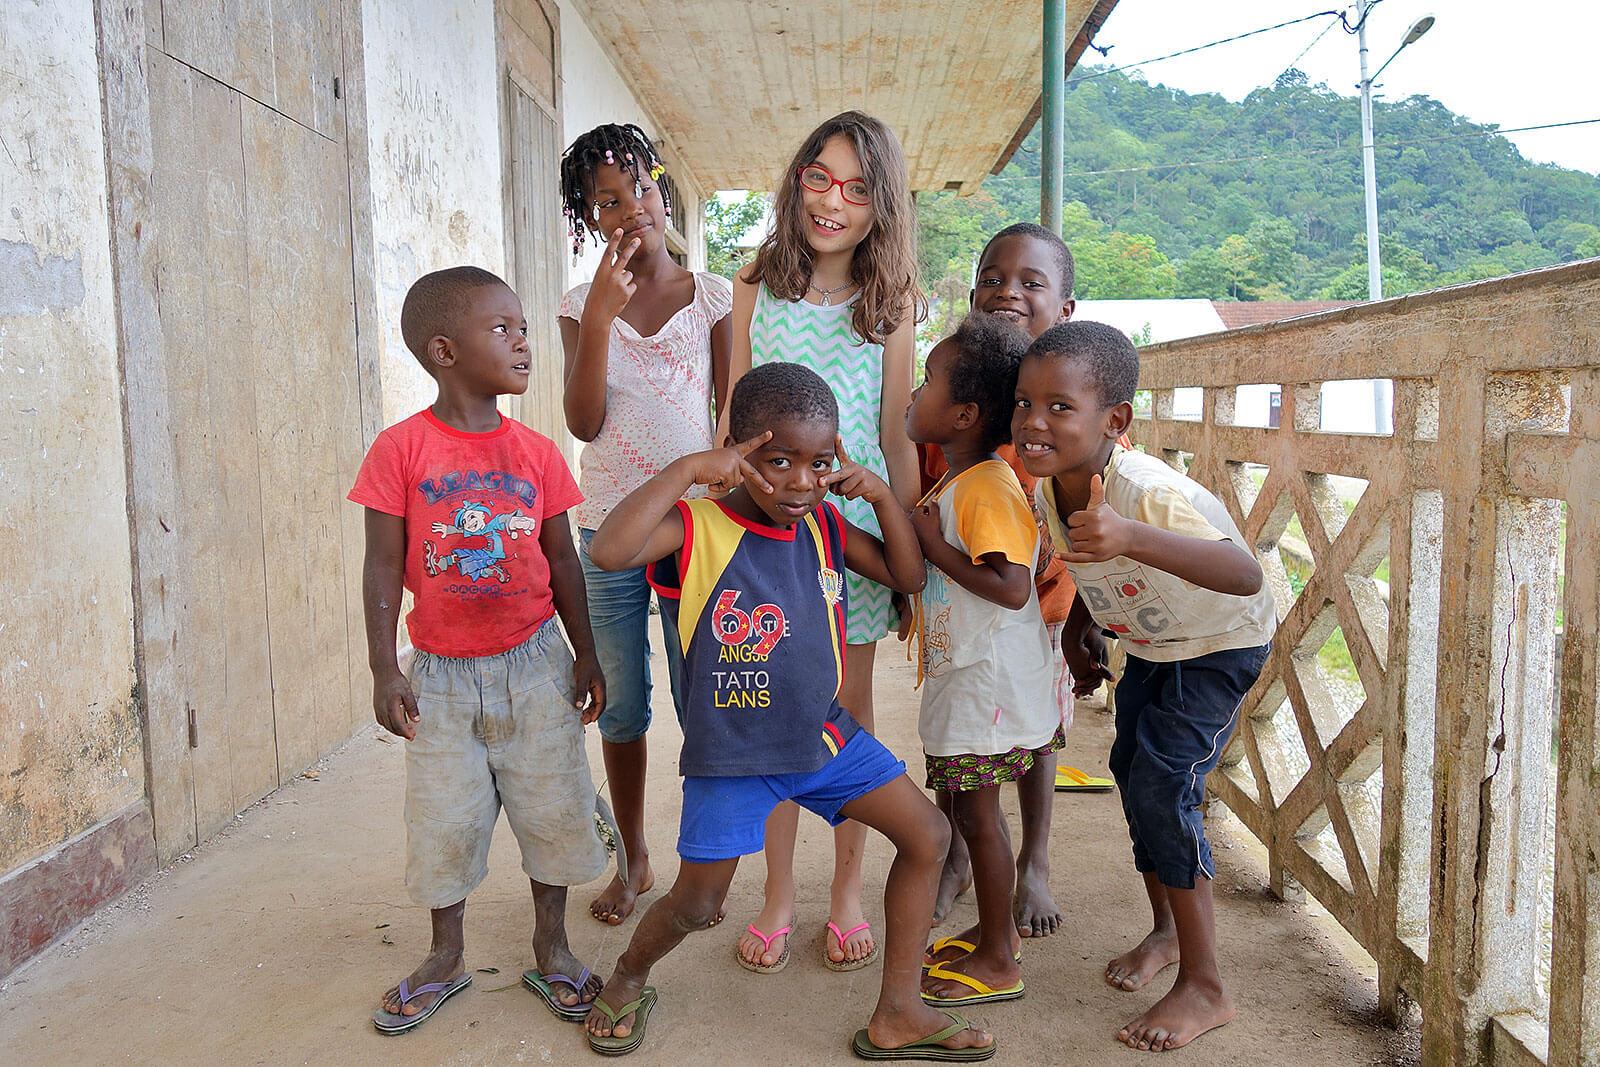 Menina caucasiana no meio de um grupo de crianças africanas.